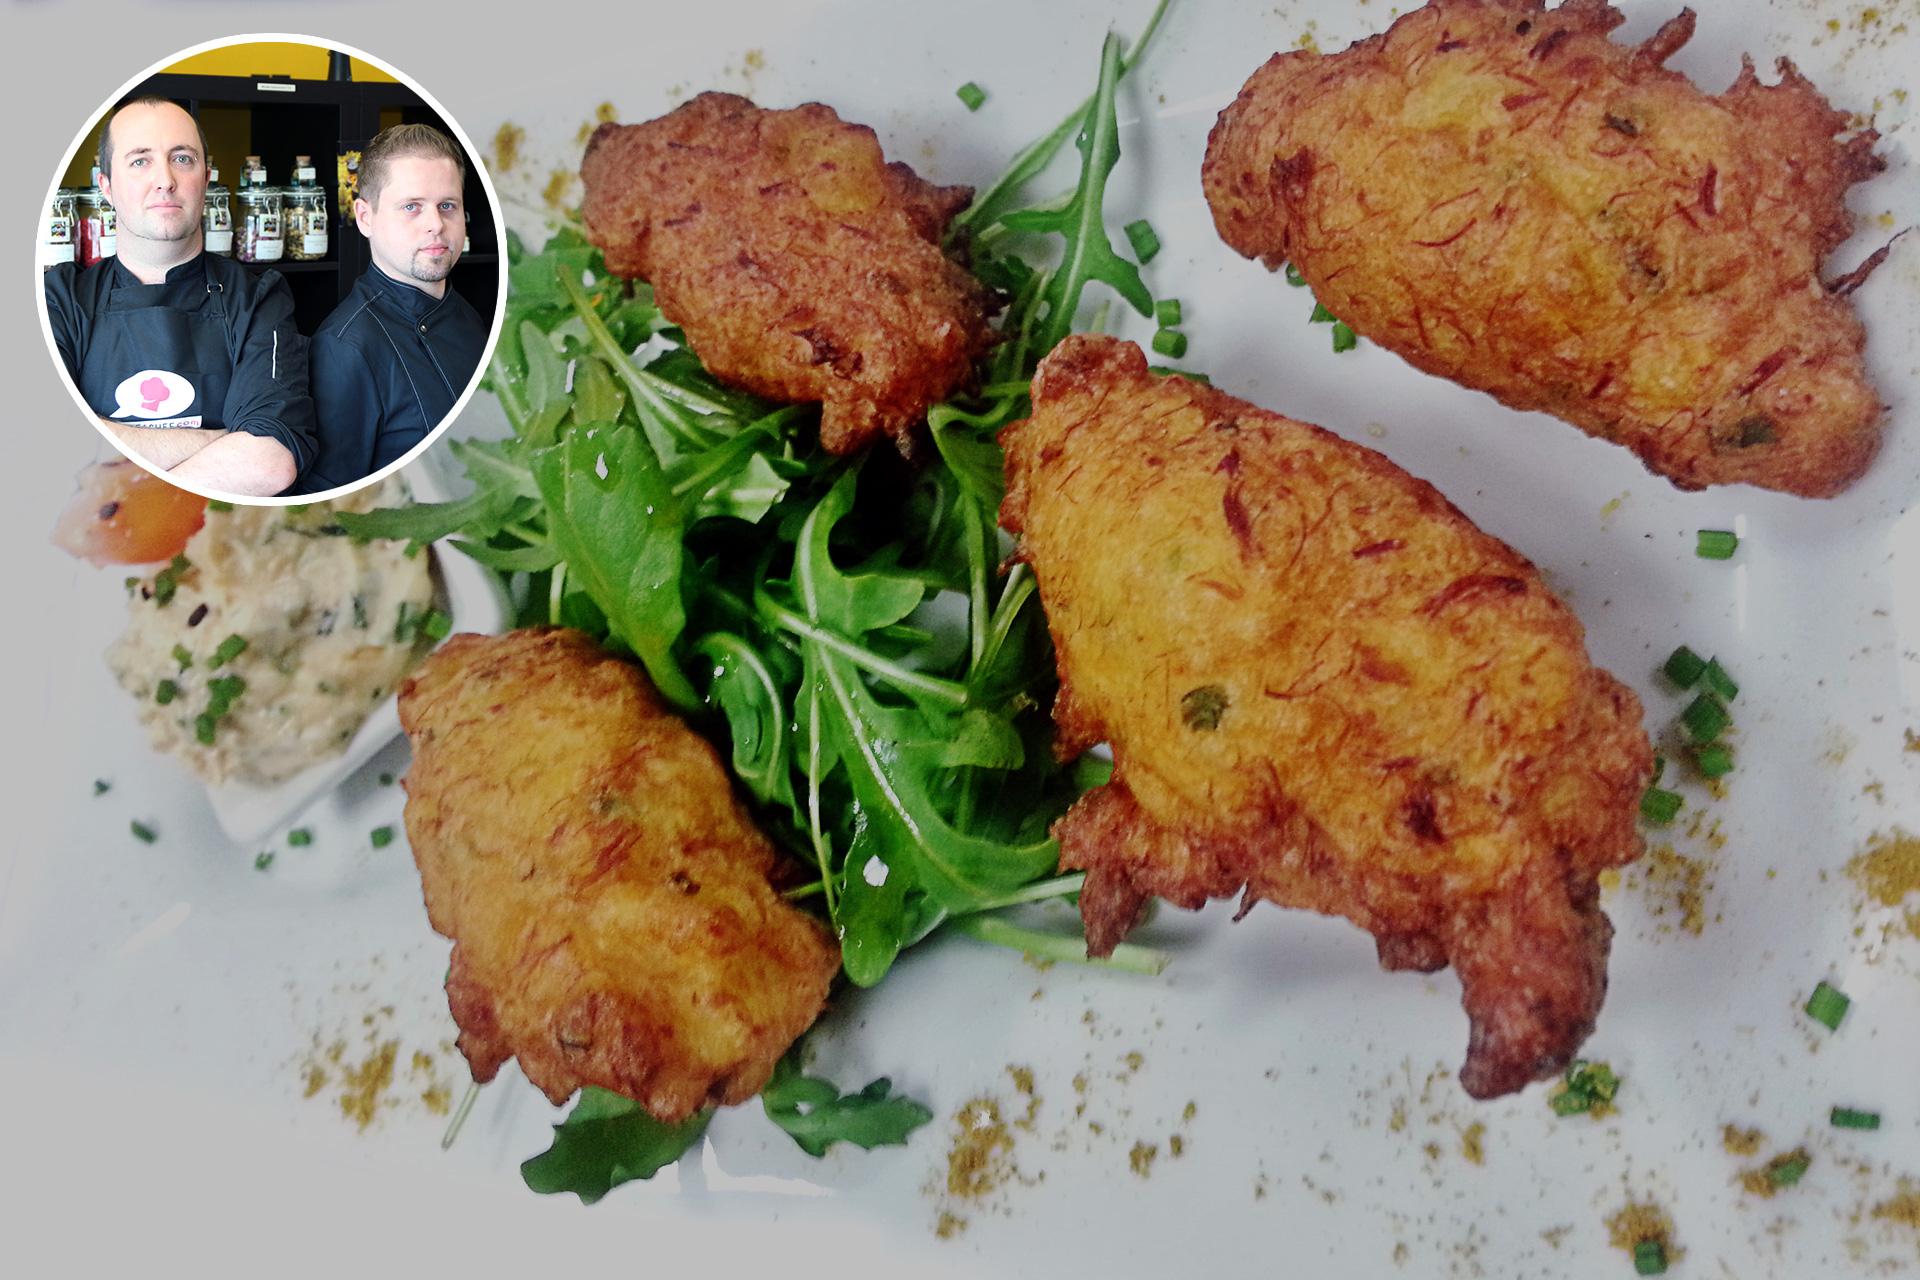 Recette des croquettes de sardine au chorizo par les chefs gr gory huguet micha l gohier le - Sardines au four sans odeur ...